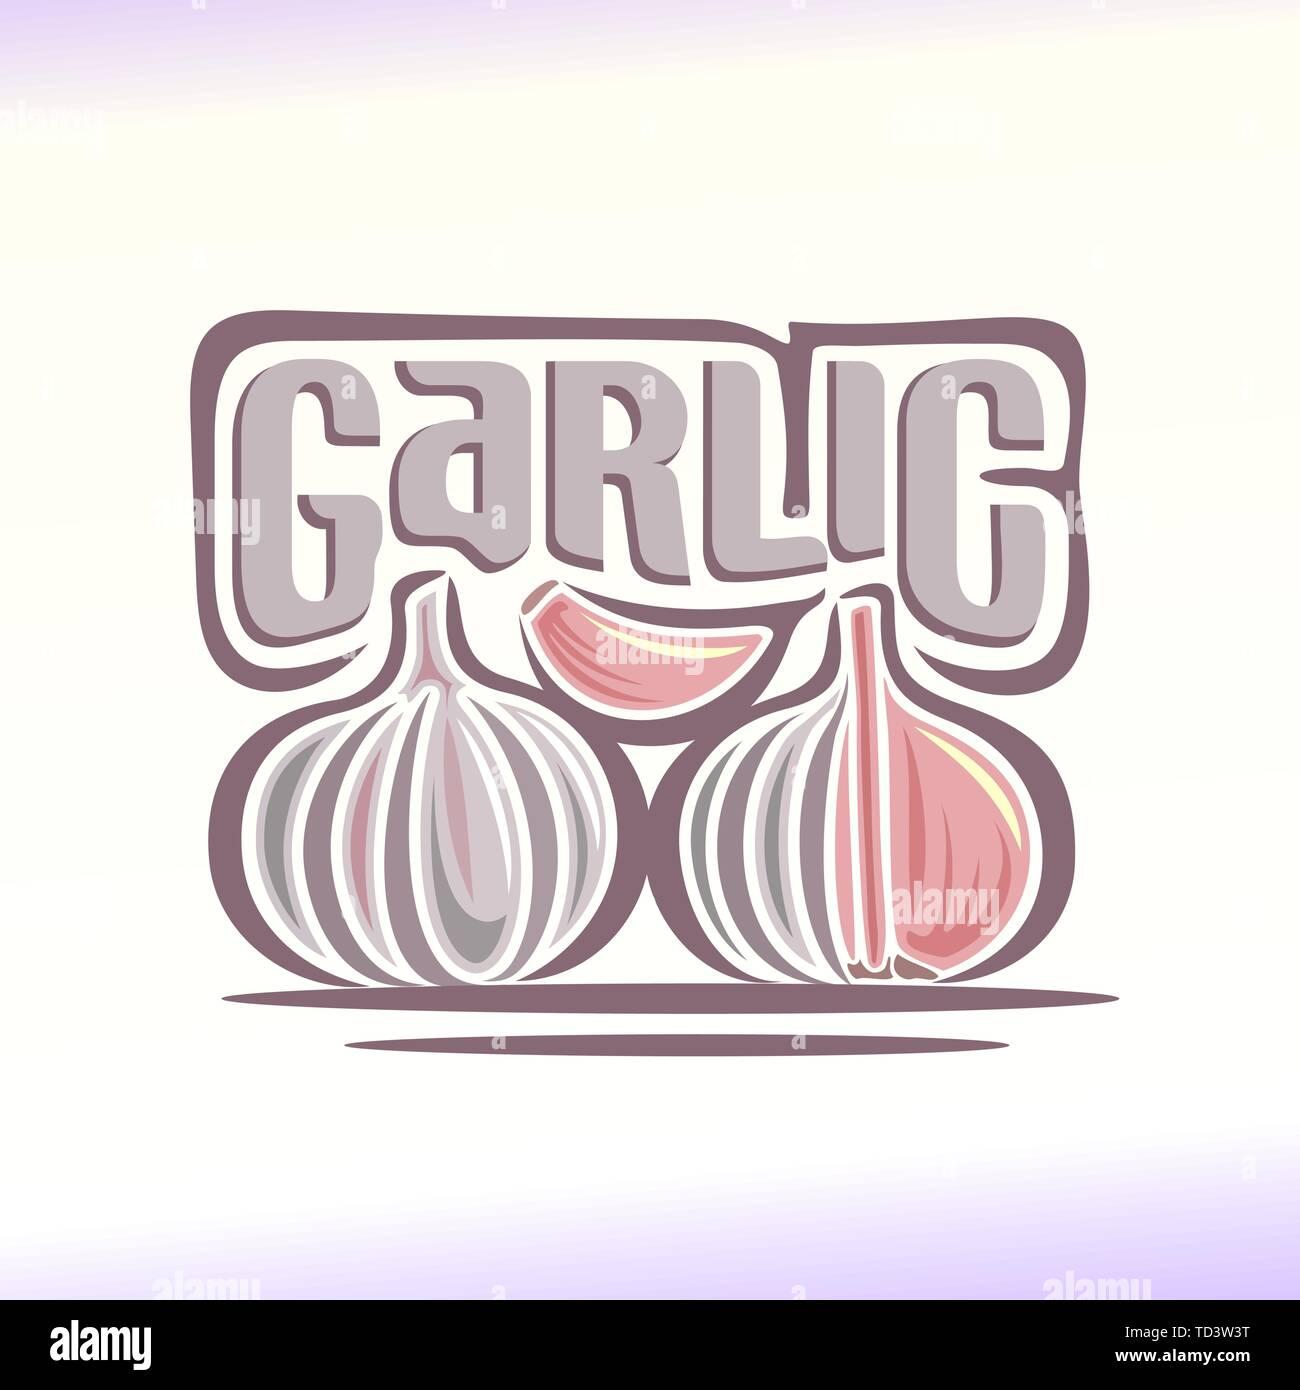 Vector logo for garlic - Stock Vector